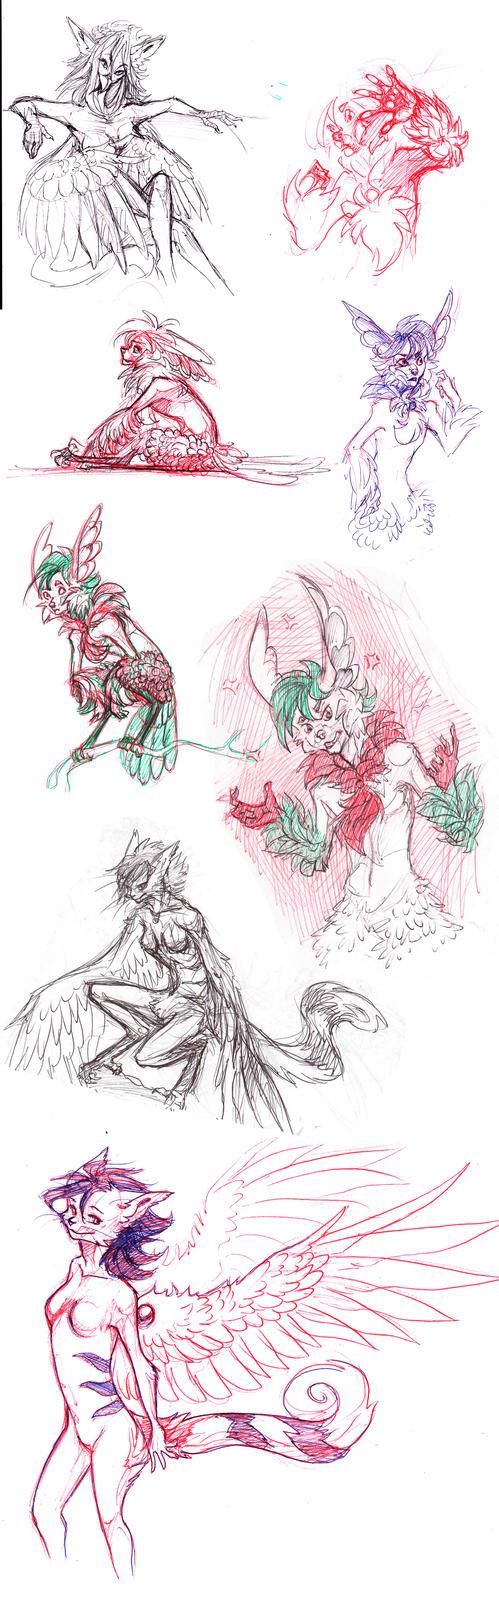 Sketchdump by IamSKETCHcat